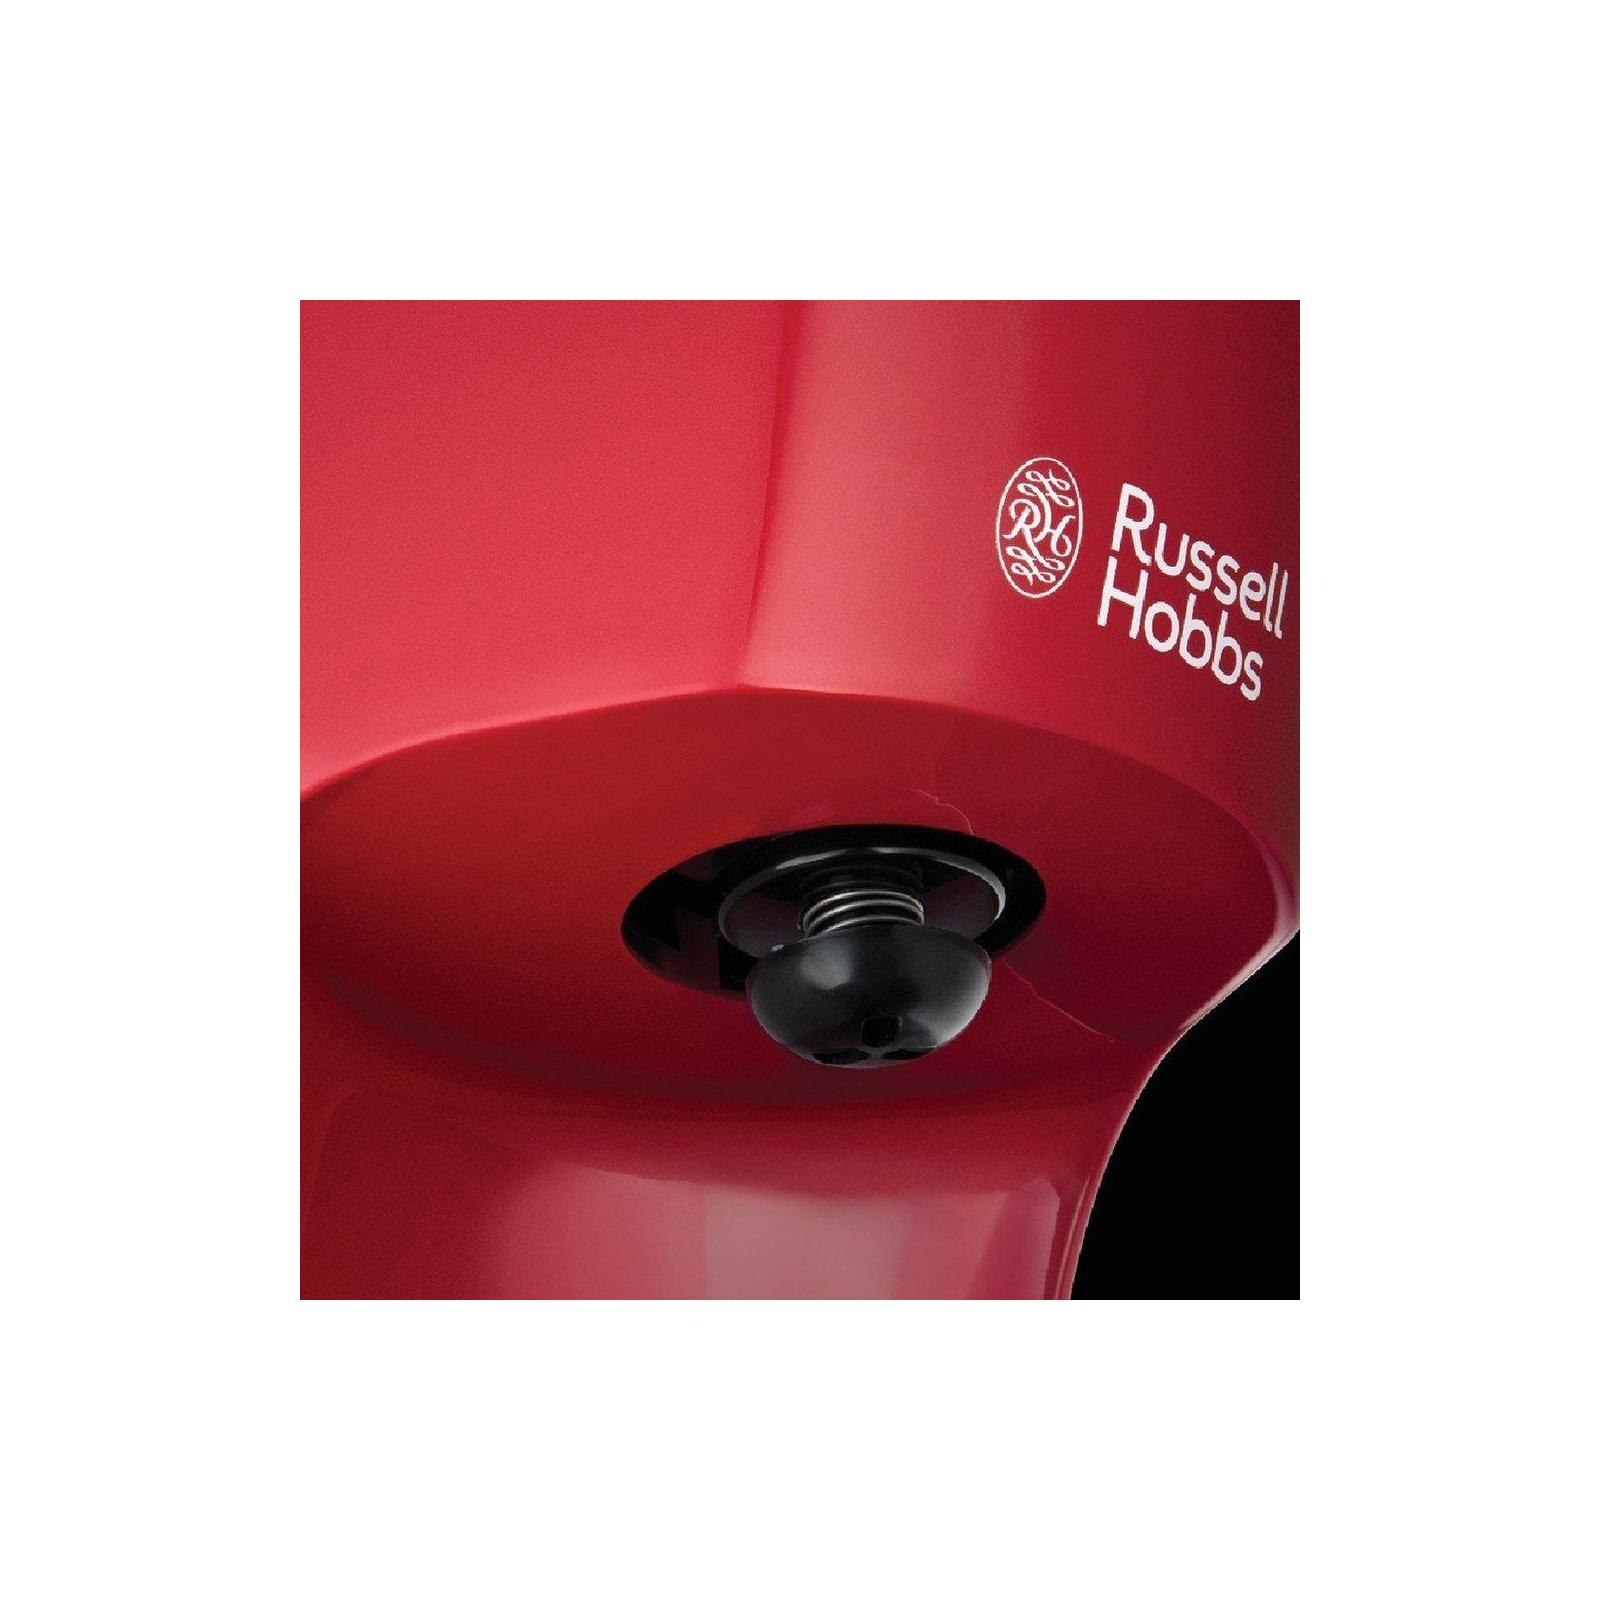 Кофеварка Russell Hobbs Textures Red (22611-56) изображение 4